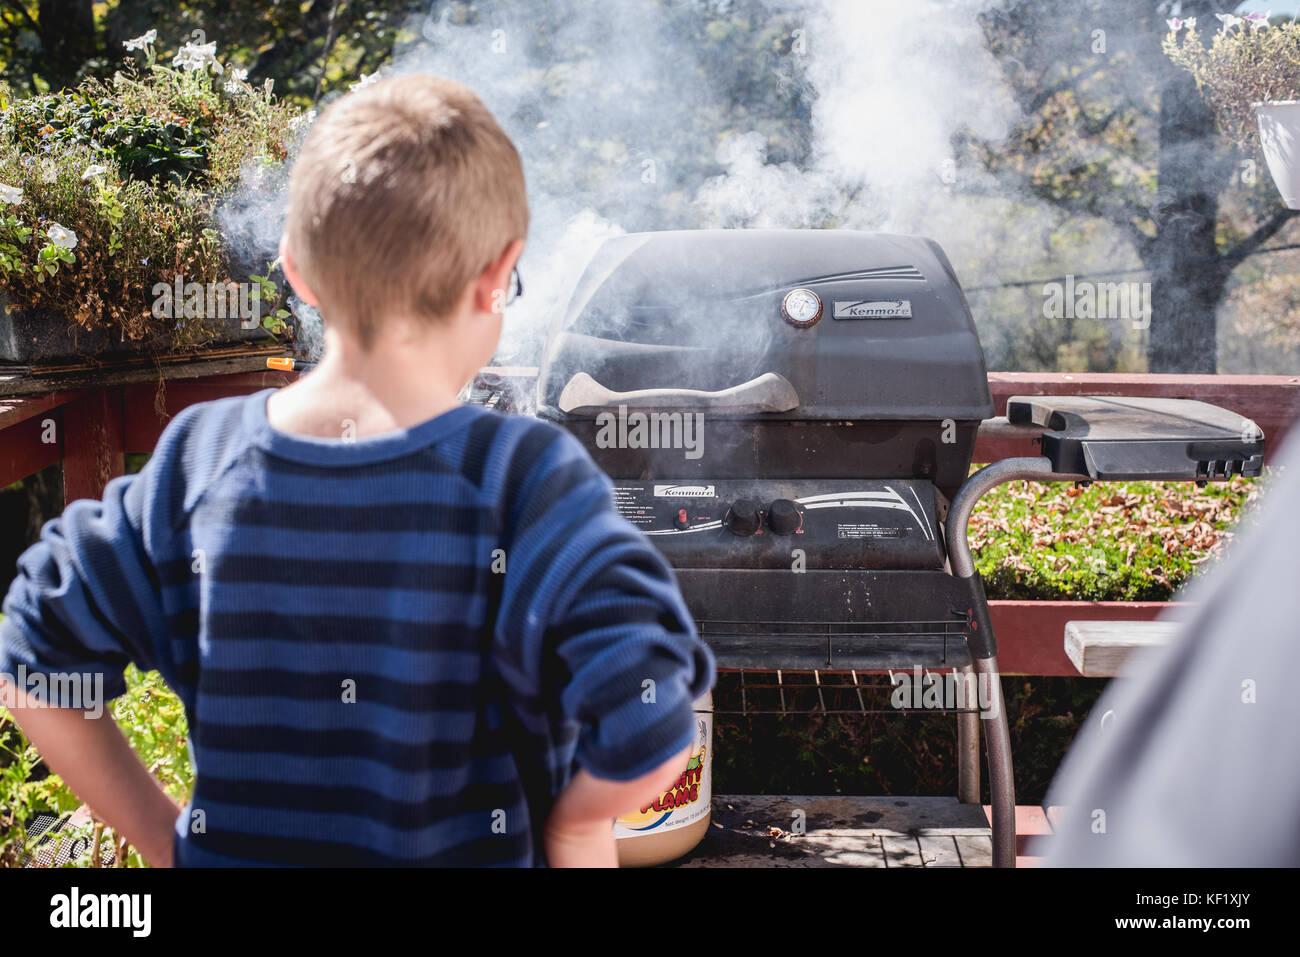 10-jähriger Junge auf der Suche nach Grill mit Rauch Stockbild